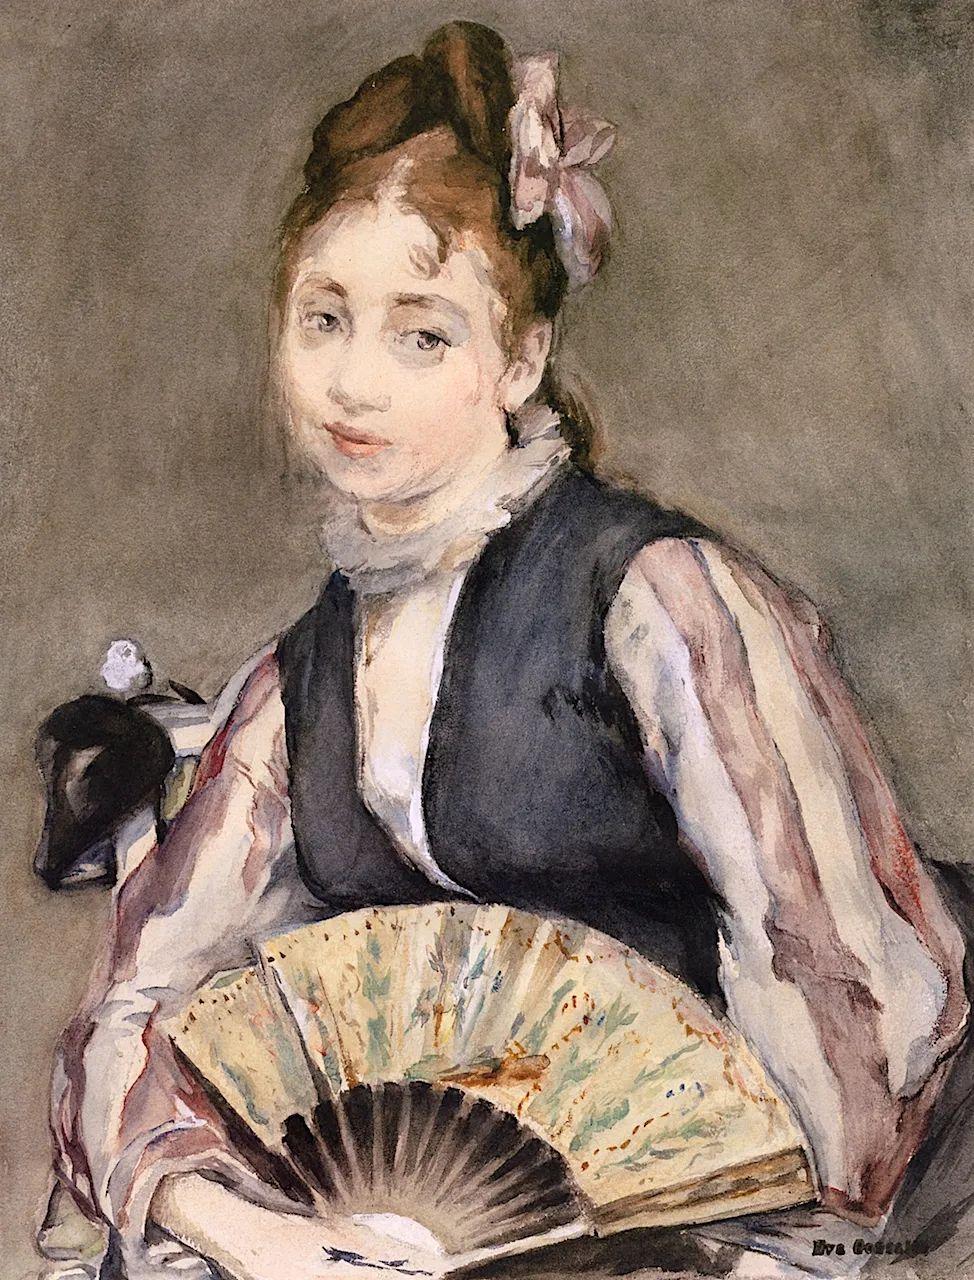 伊娃·冈萨雷斯,19世纪法国印象派女画家插图35